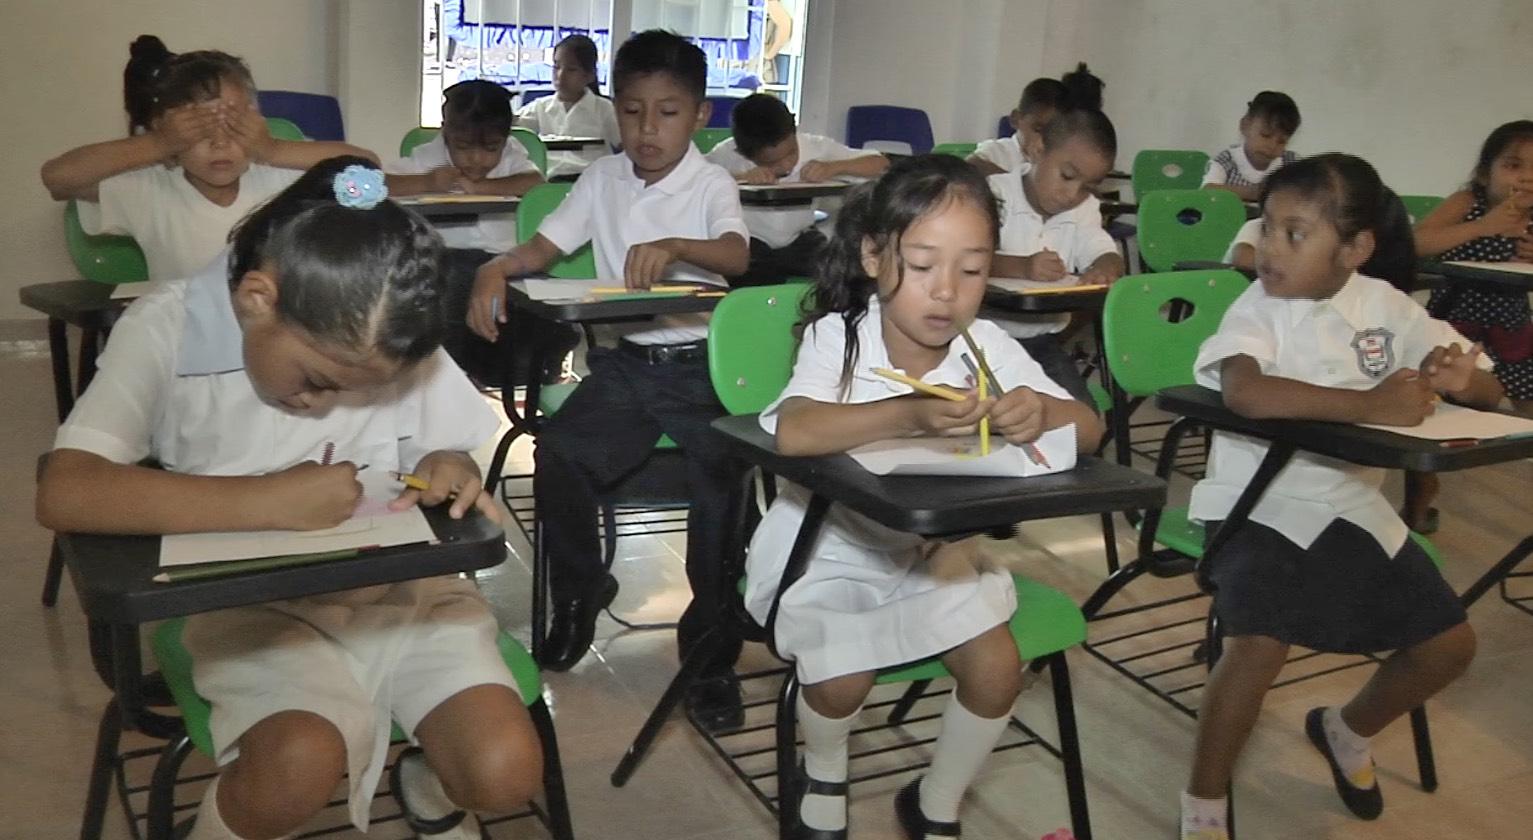 Más de 25 millones de alumnos de educación básica vuelven a clases